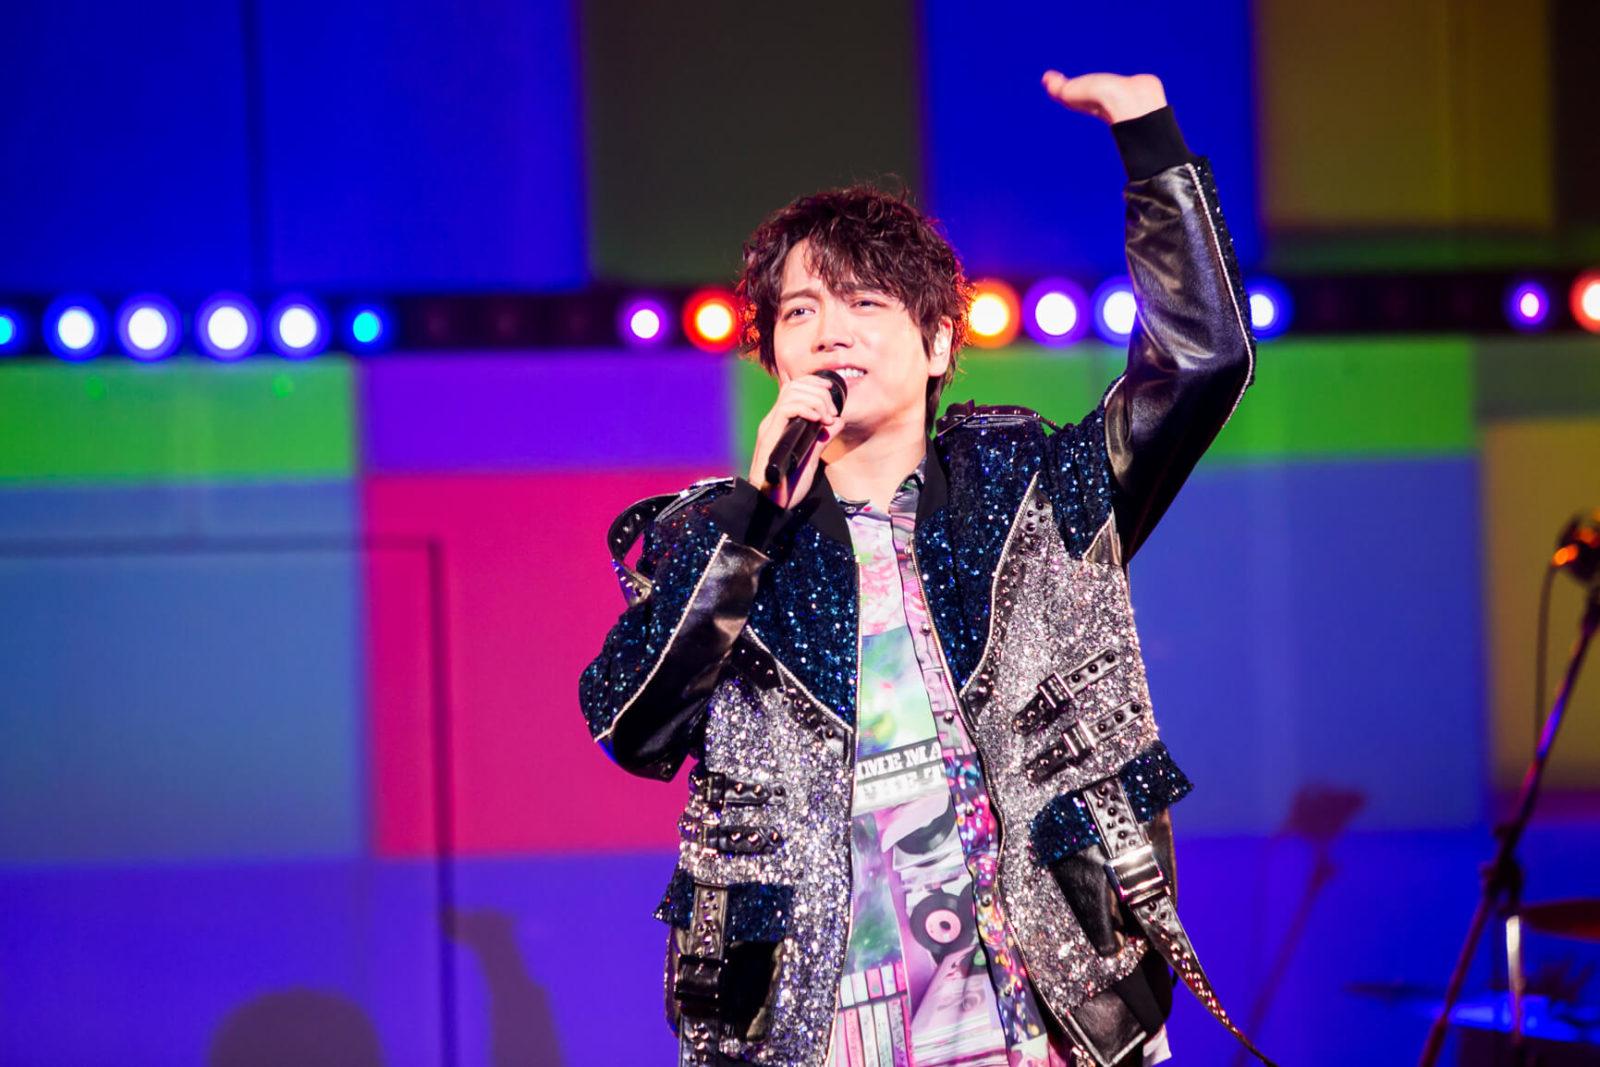 山崎育三郎、LIVE TOUR 2020~MIRROR BALL~初日公演を開催サムネイル画像